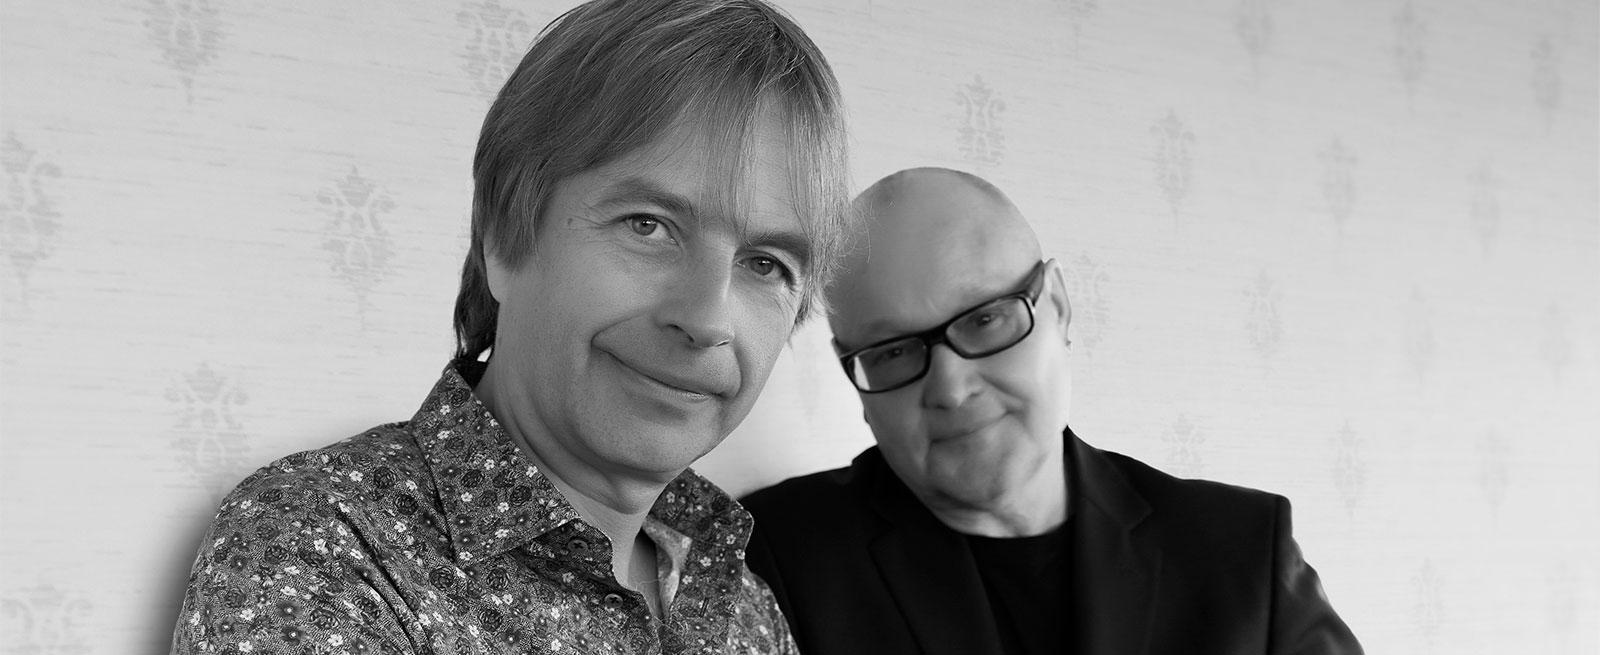 Nils Landgren & Jan Lundgren – Kristallen